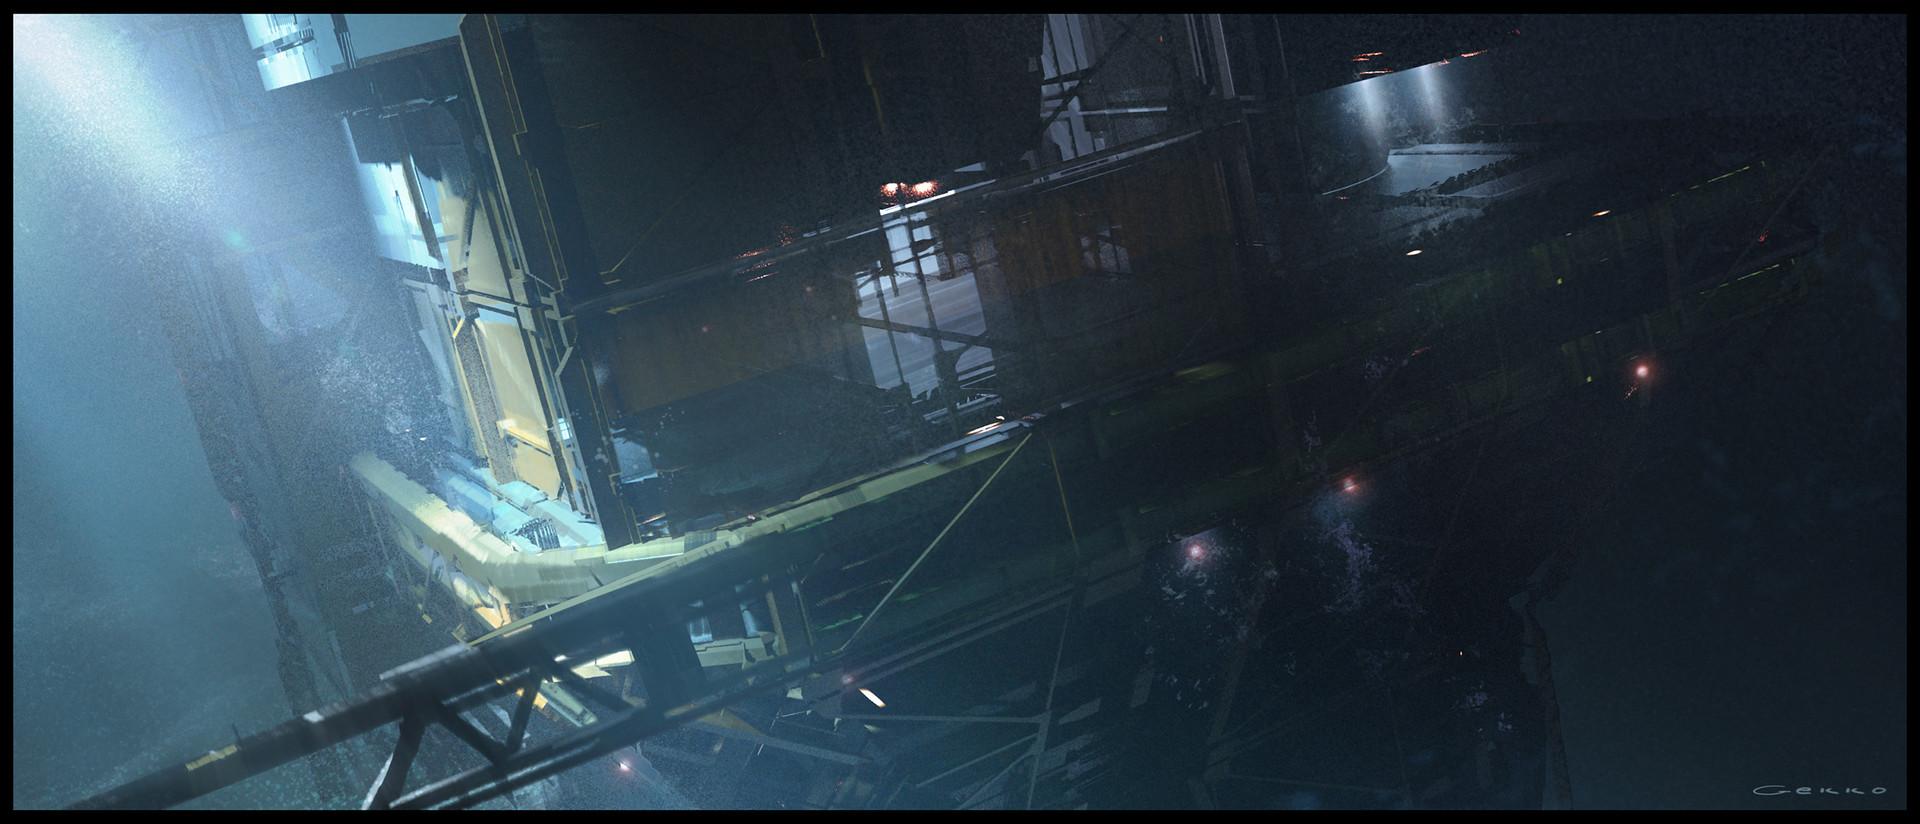 Nicolas gekko the abyss 13